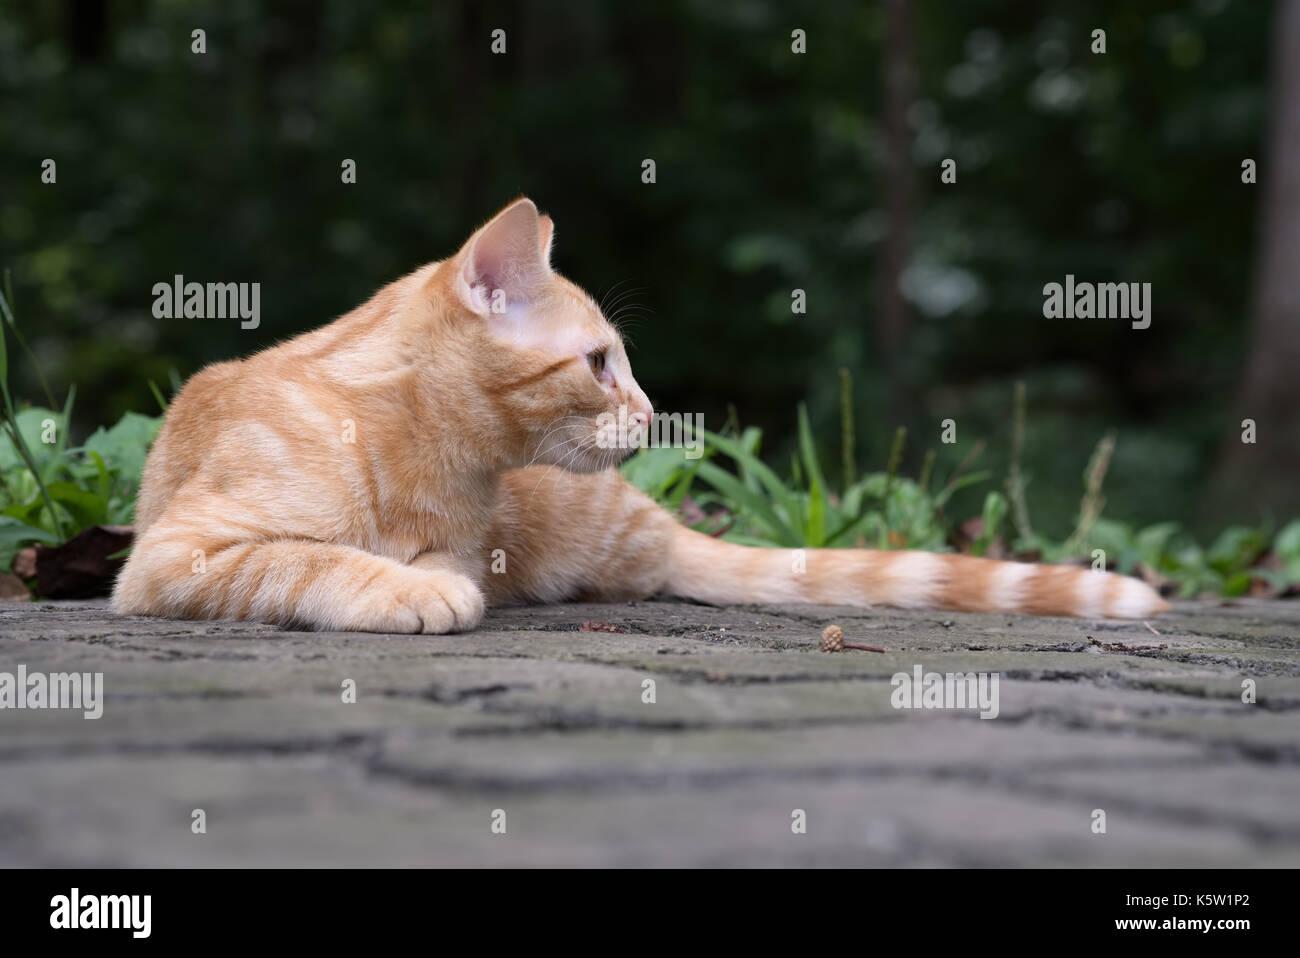 Orange kittn sdraiati all'aperto prestando attenzione. Immagini Stock